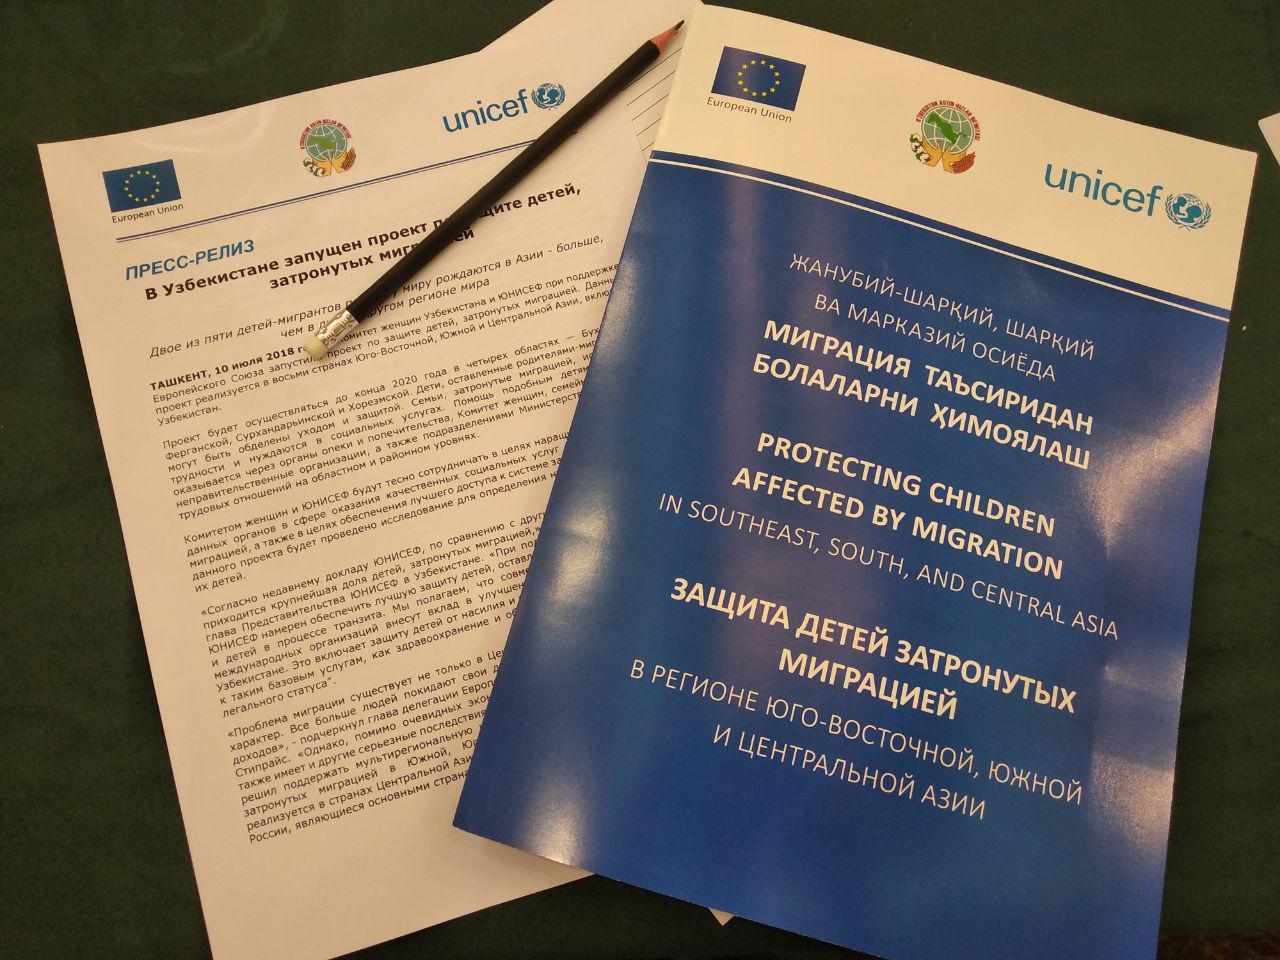 В Узбекистане стартовал проект по защите детей, затронутых миграцией